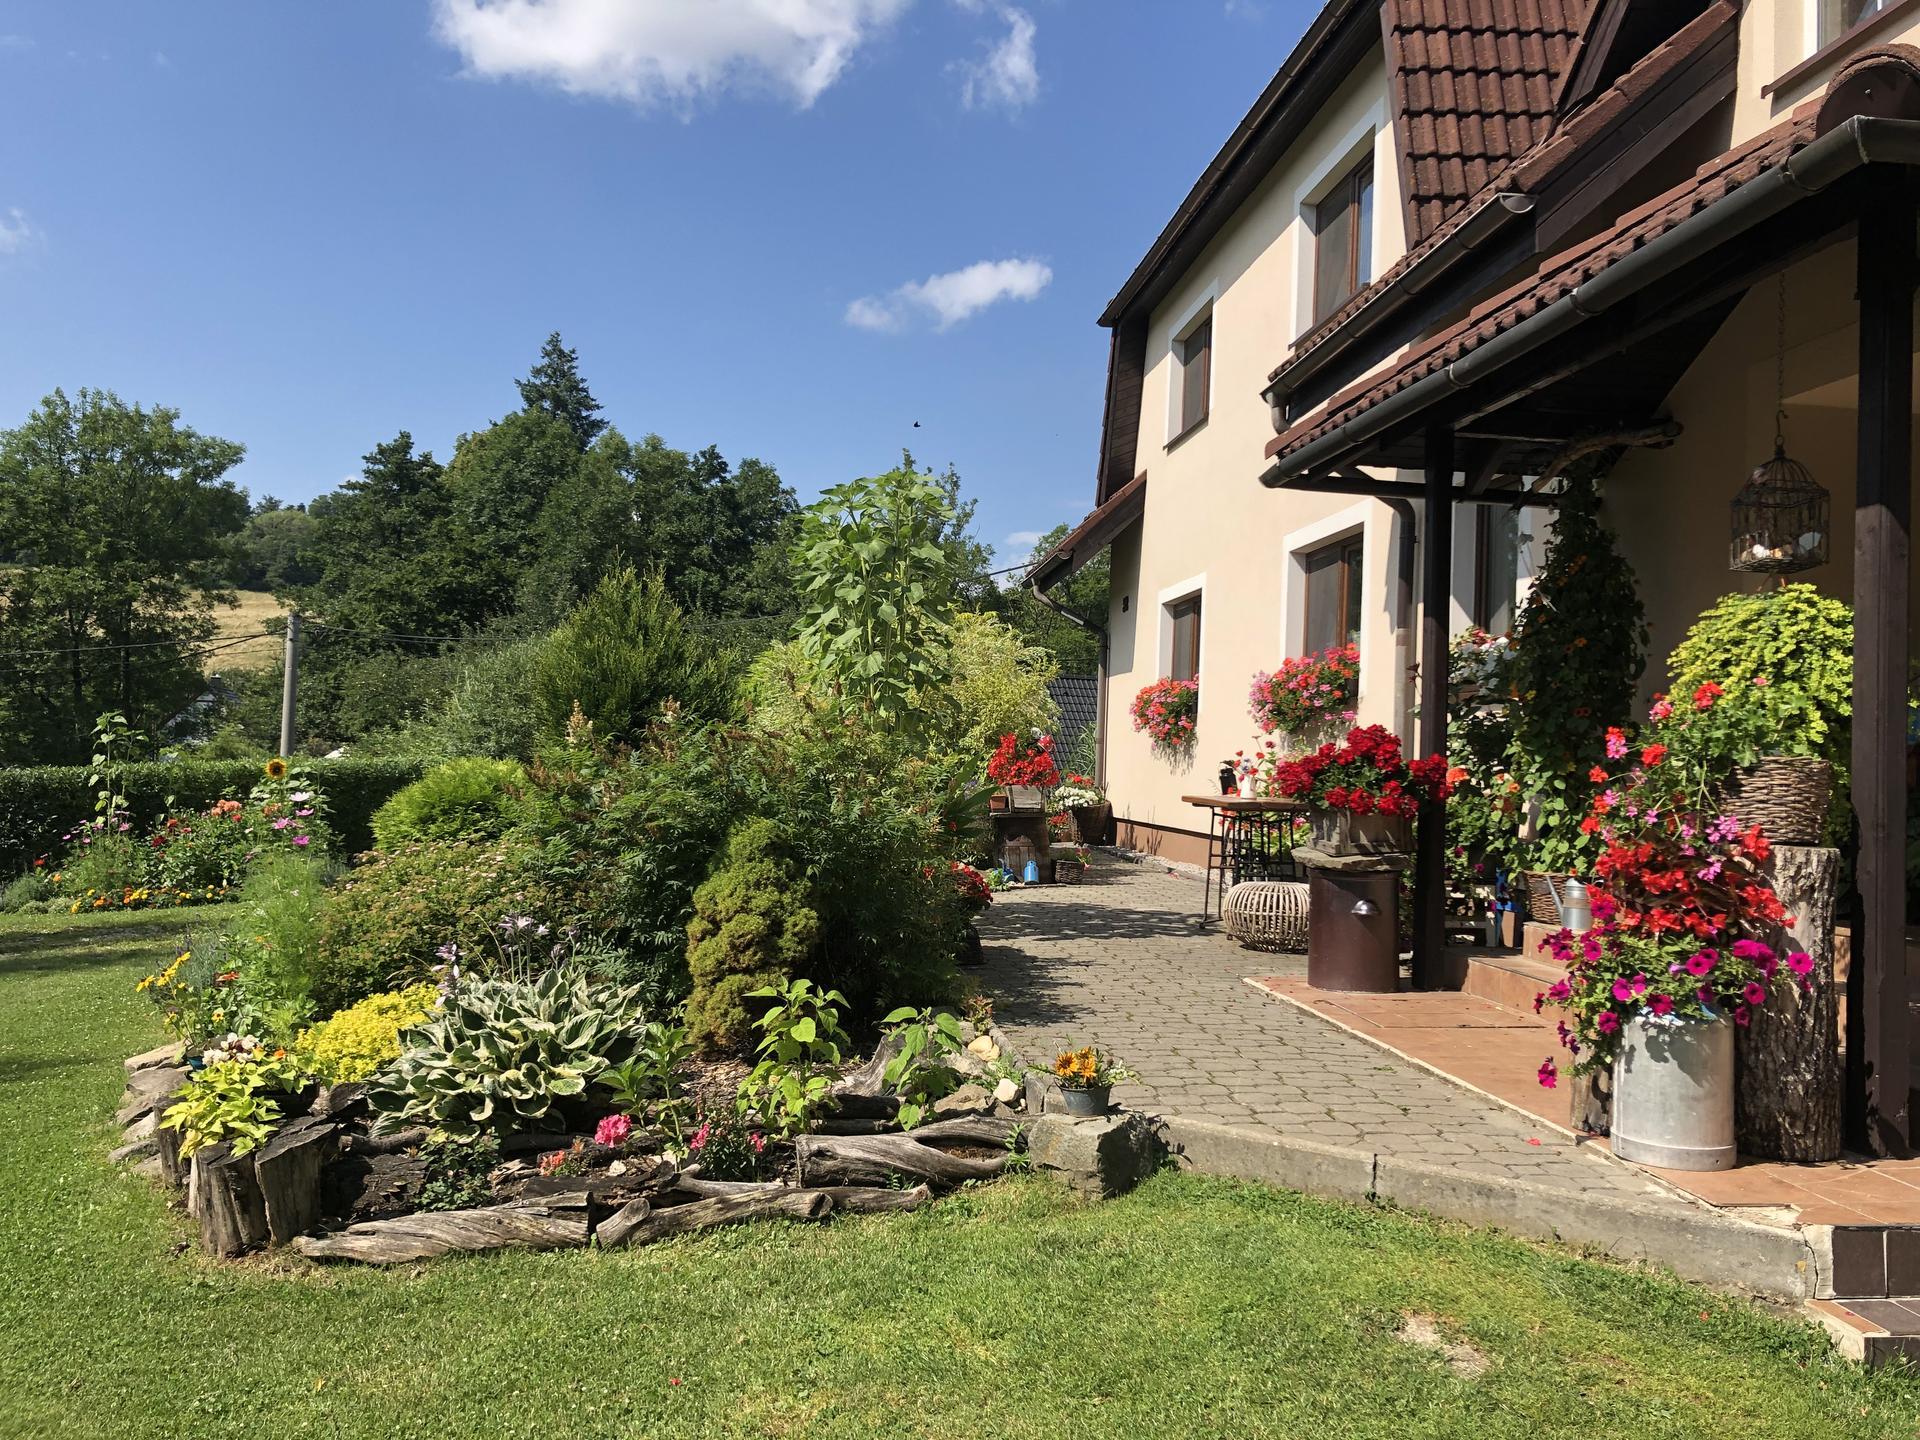 U nás doma a na zahradě 2021 - Obrázek č. 49